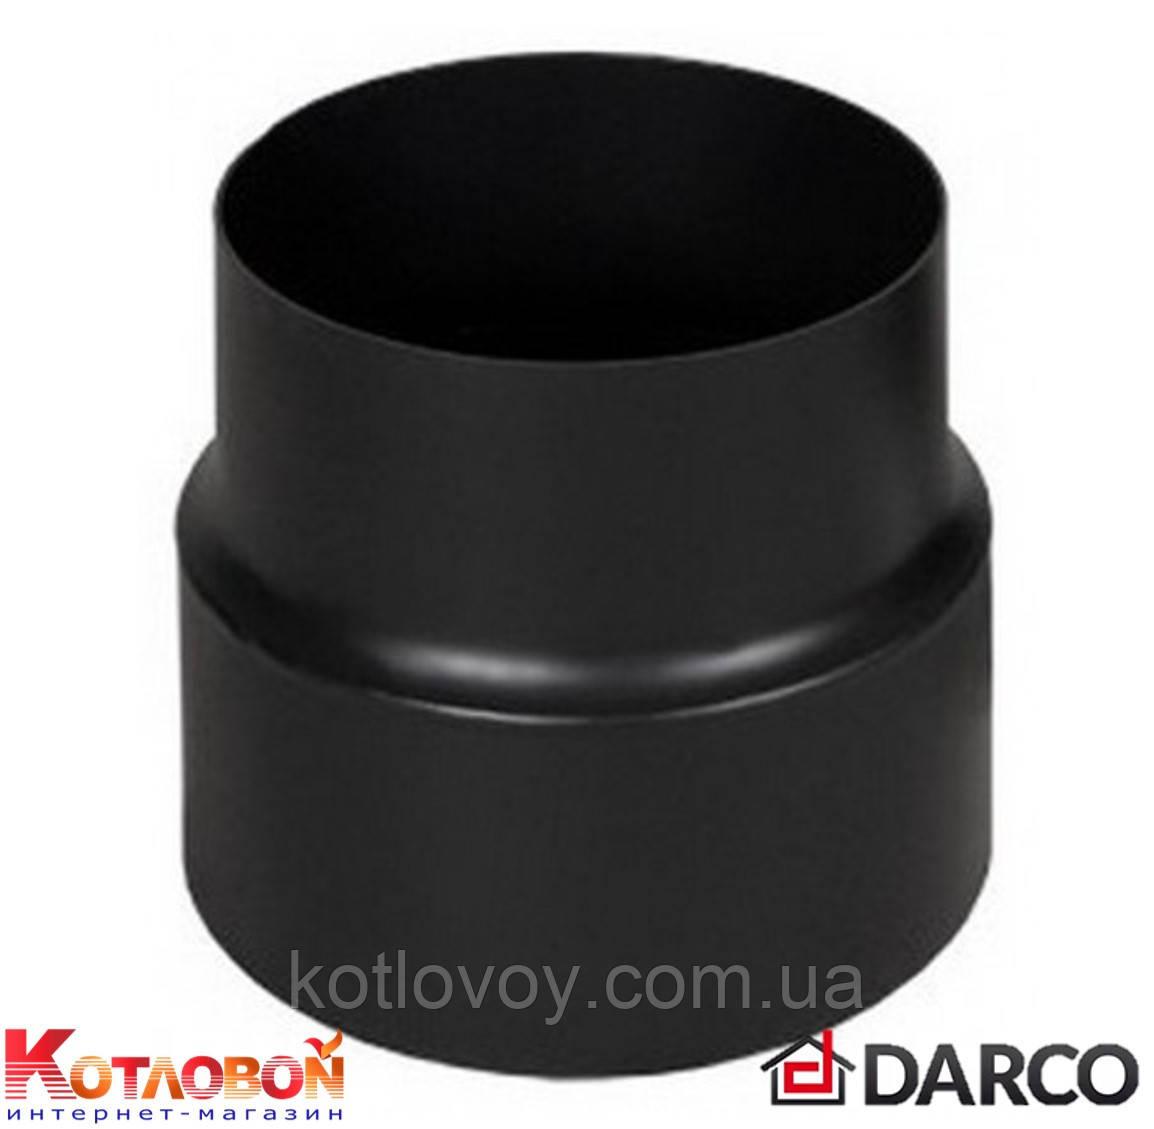 Редукция (переход) для дымохода из чёрной стали Darco